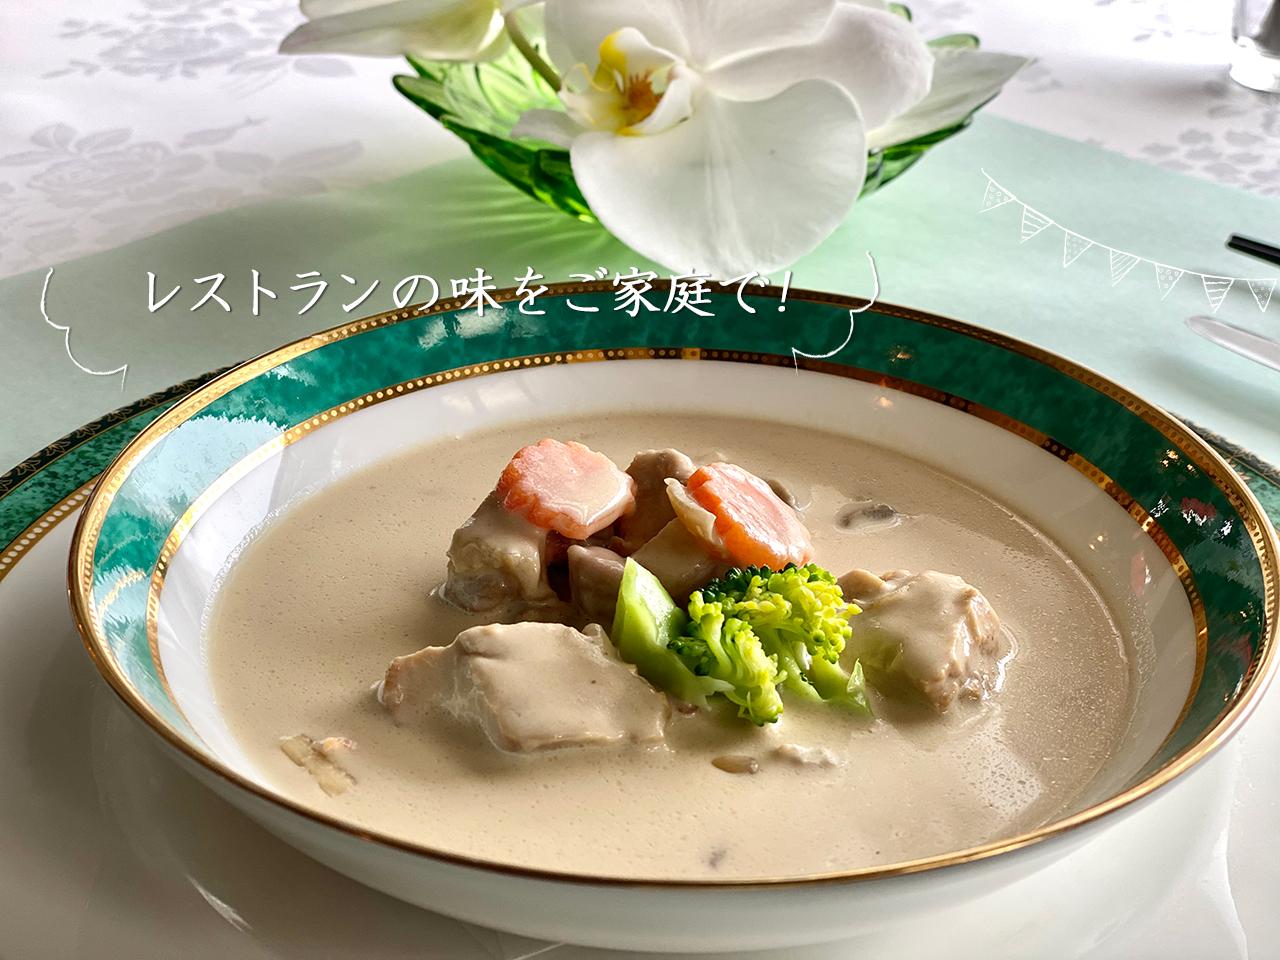 国産鶏のクリームシチュー